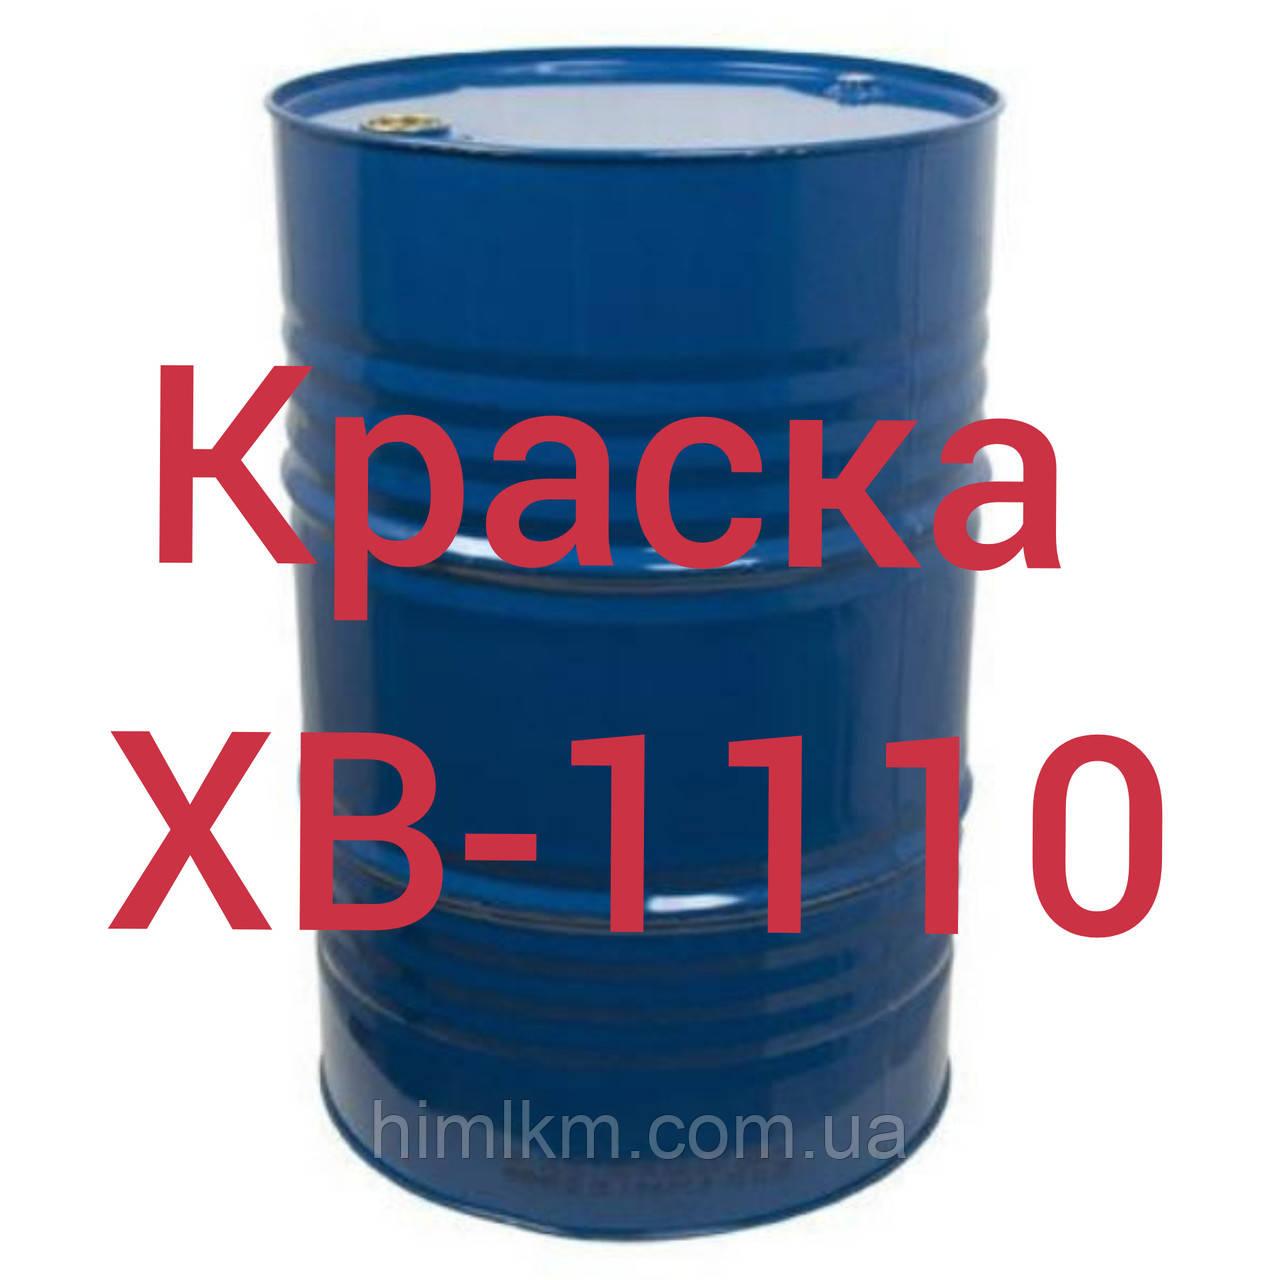 Эмаль ХВ-1110 для металлических и деревянных поверхностей